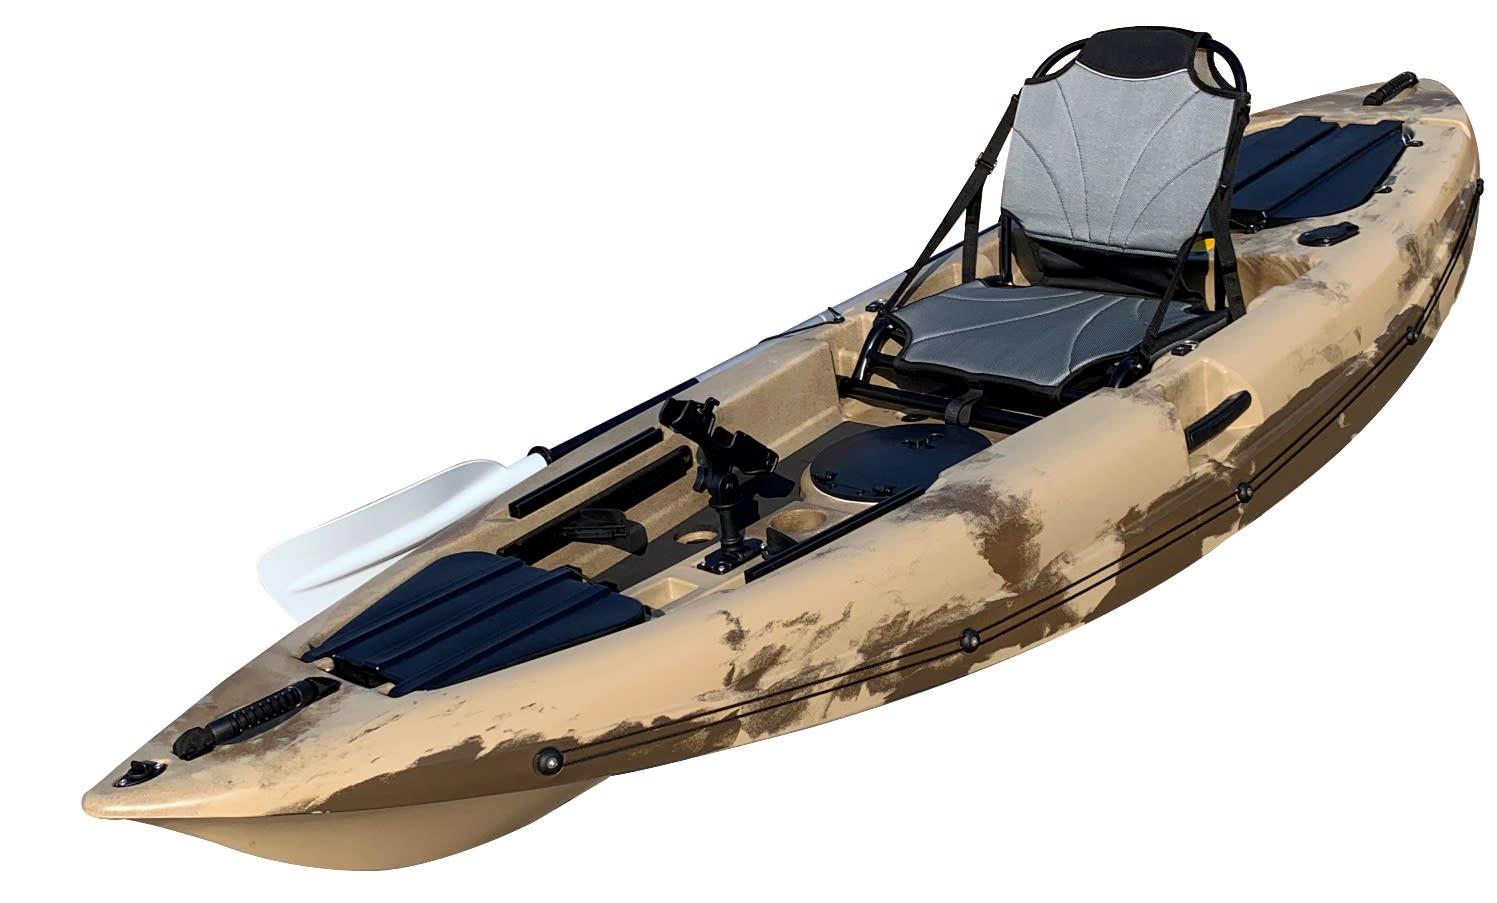 Image of Erehwon Sawbill 10 Kayak